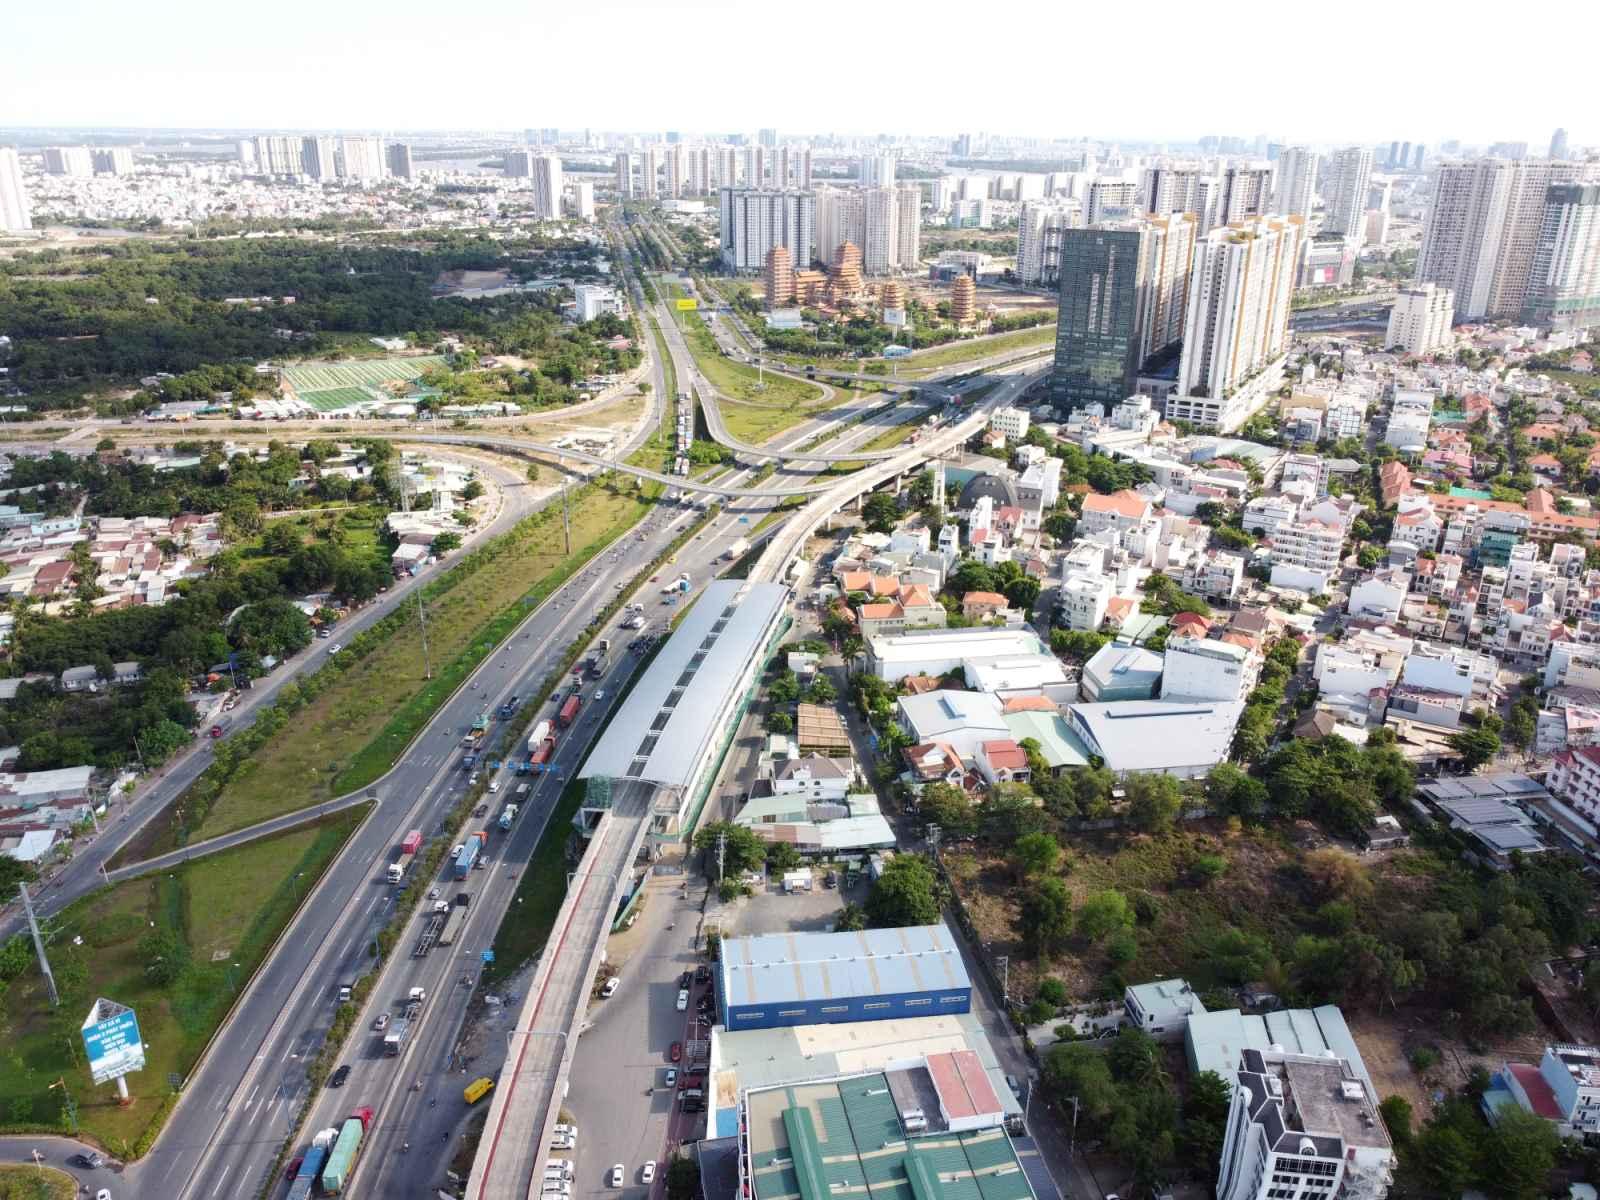 TP HCM điều chỉnh giảm hơn 1.000 tỉ đồng vốn đầu tư công với 433 dự án  - Ảnh 1.